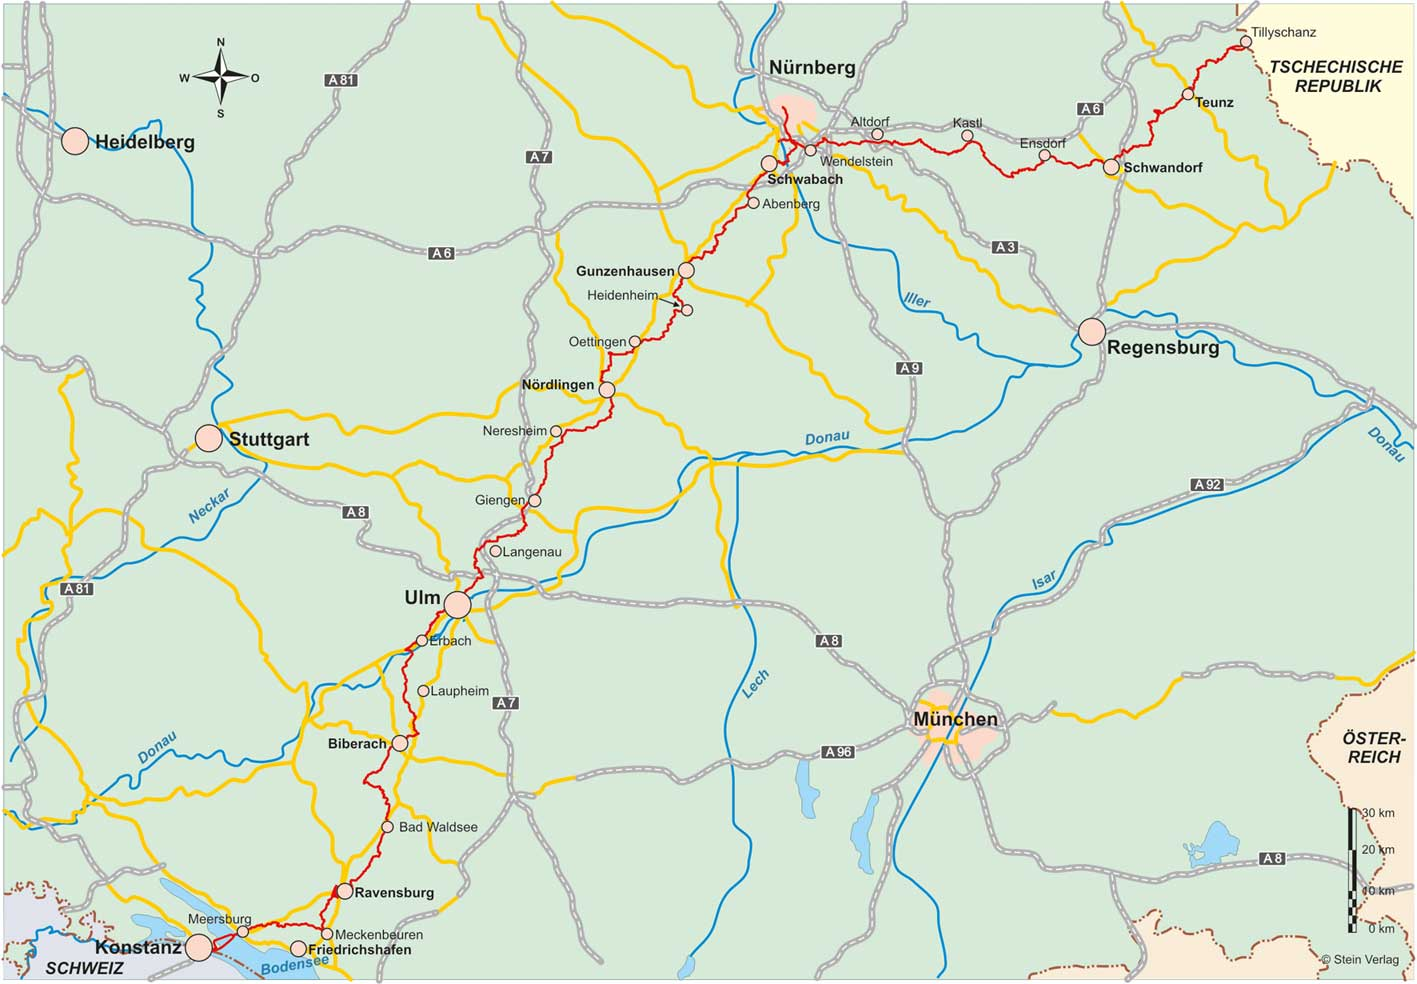 Jakobsweg Franken Karte.Jakobsweg Vom Oberpfälzer Wald Zum Bodensee